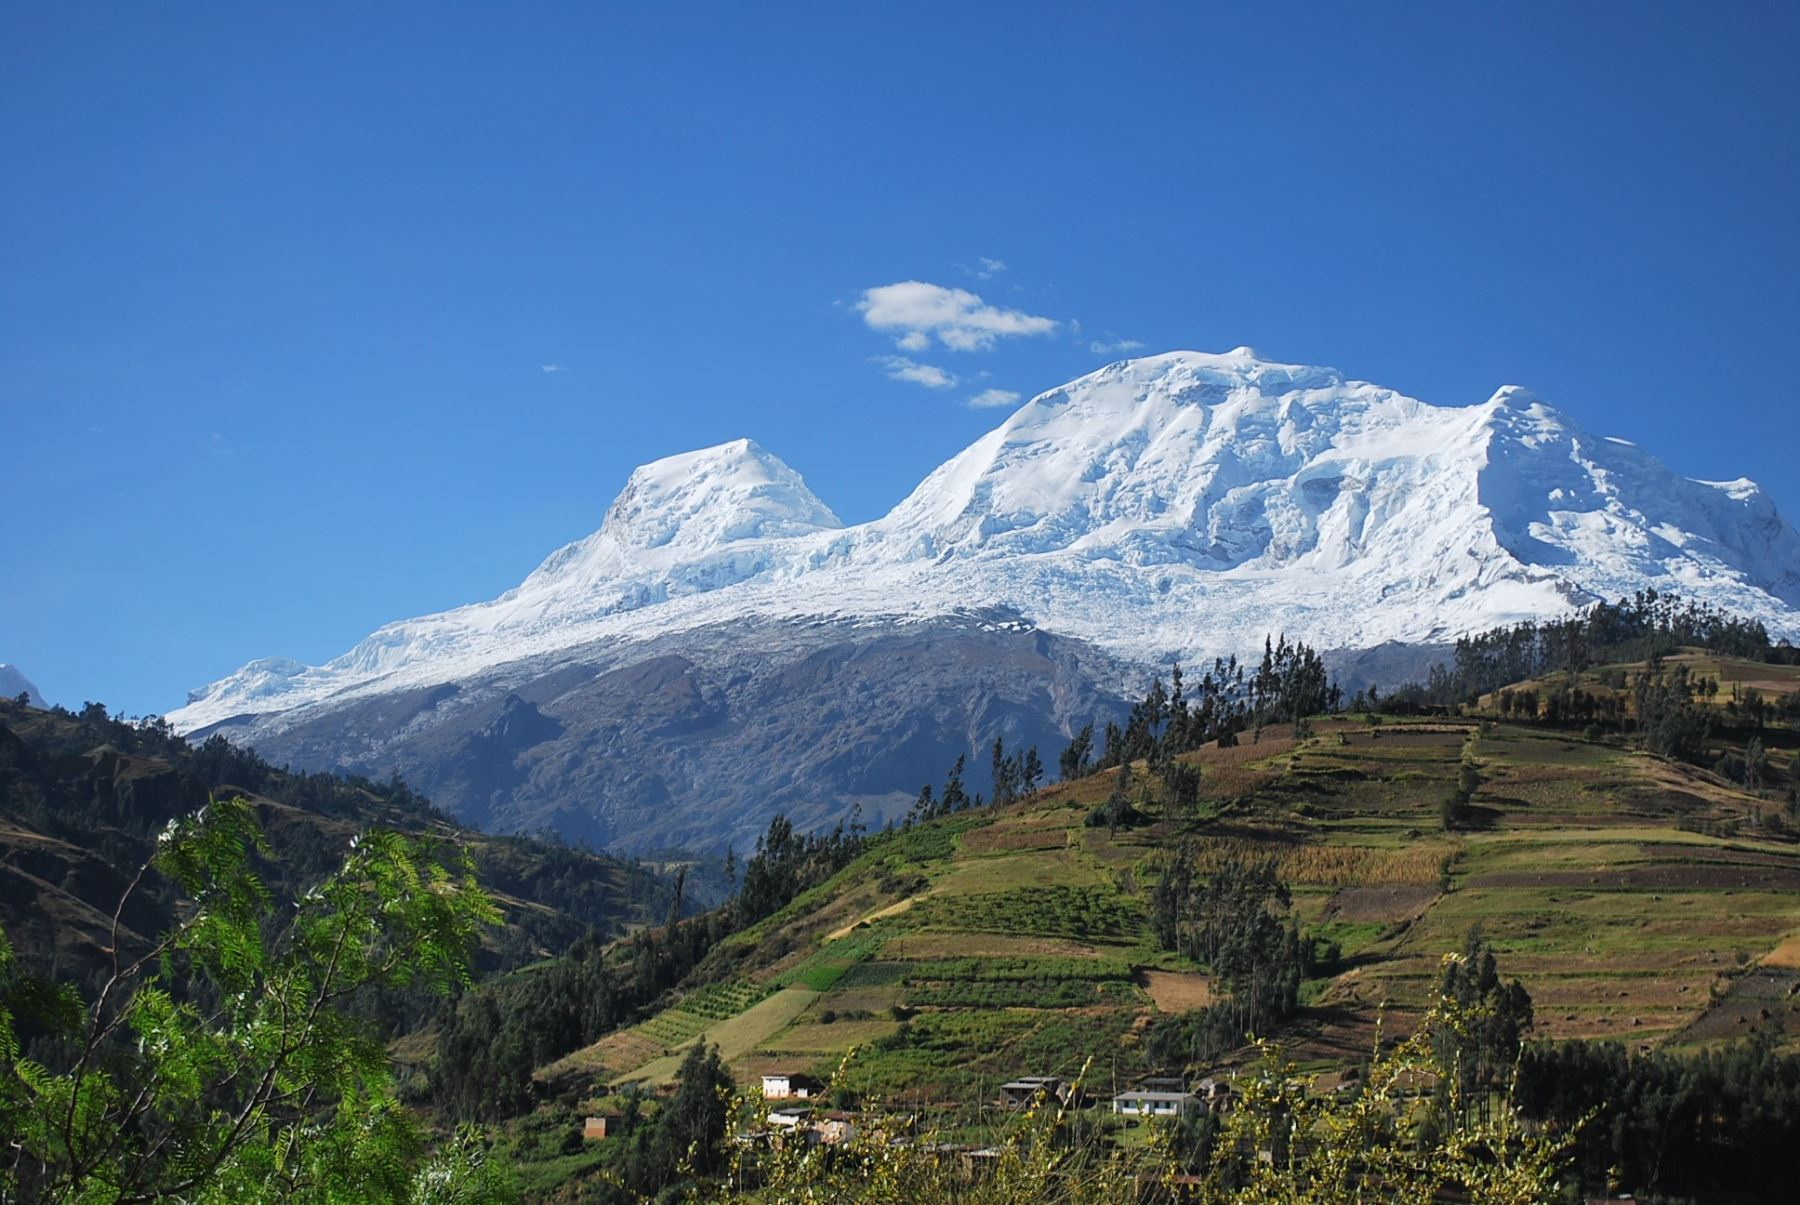 Científicos escalan nevado Huascarán para estudiar montaña.